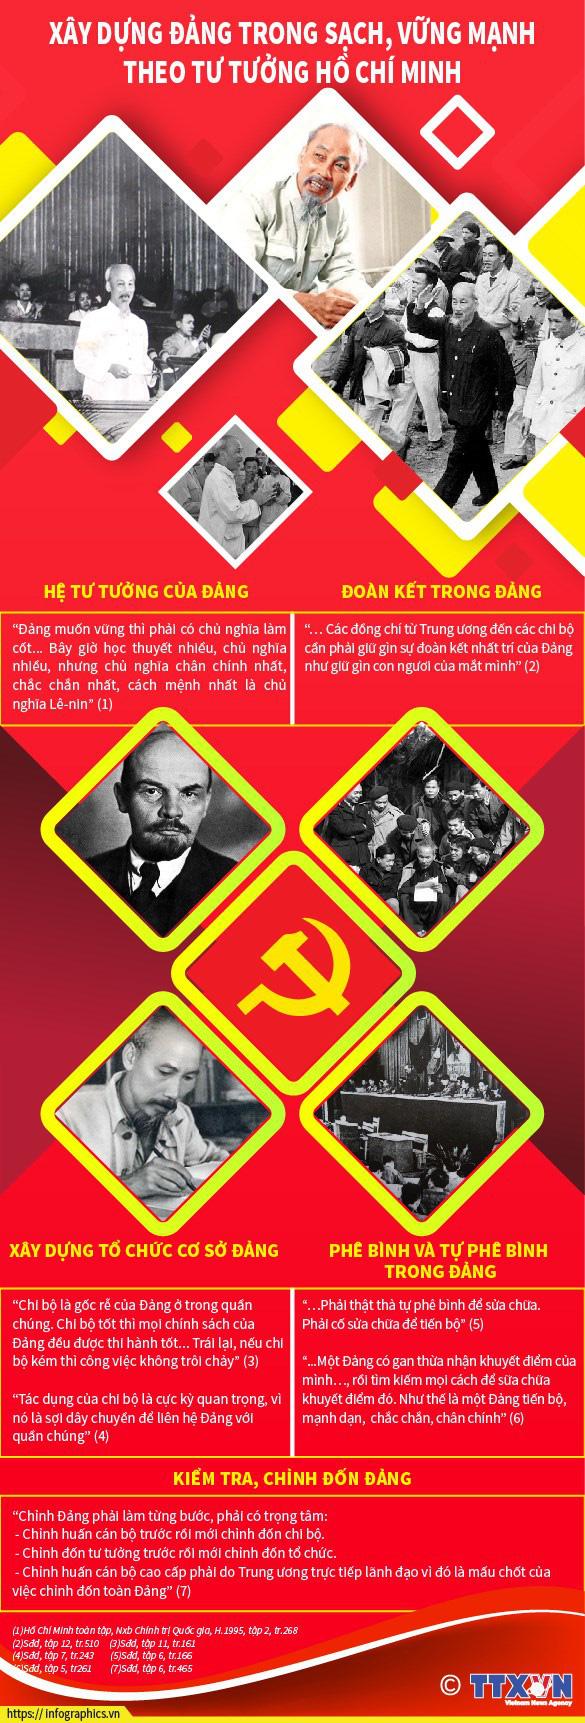 [Infographics] Xây dựng Đảng trong sạch theo tư tưởng Hồ Chí Minh  - Ảnh 1.